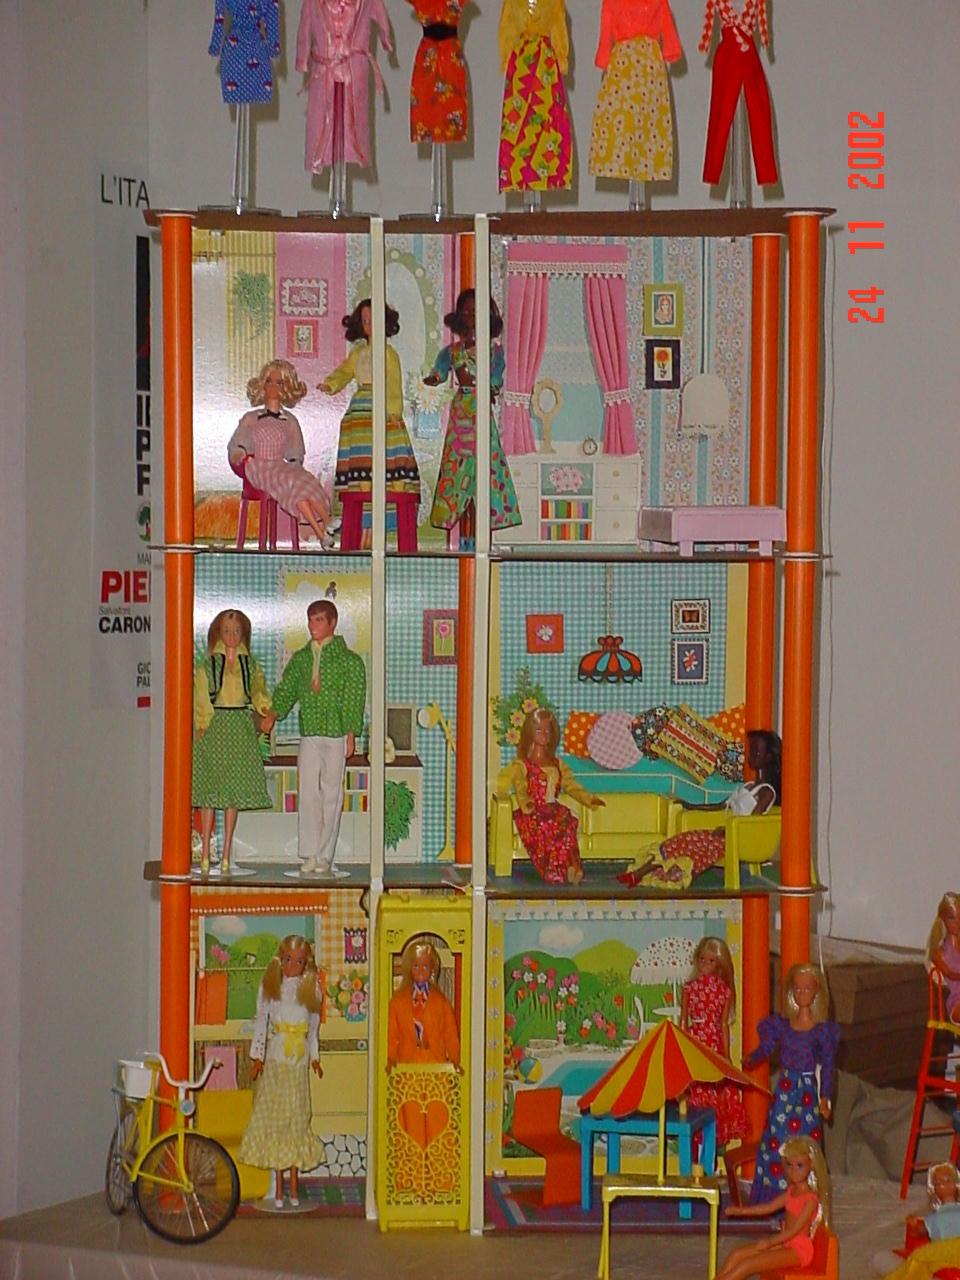 La casa di barbie 1970 artribune for Politecnico di milano design della moda